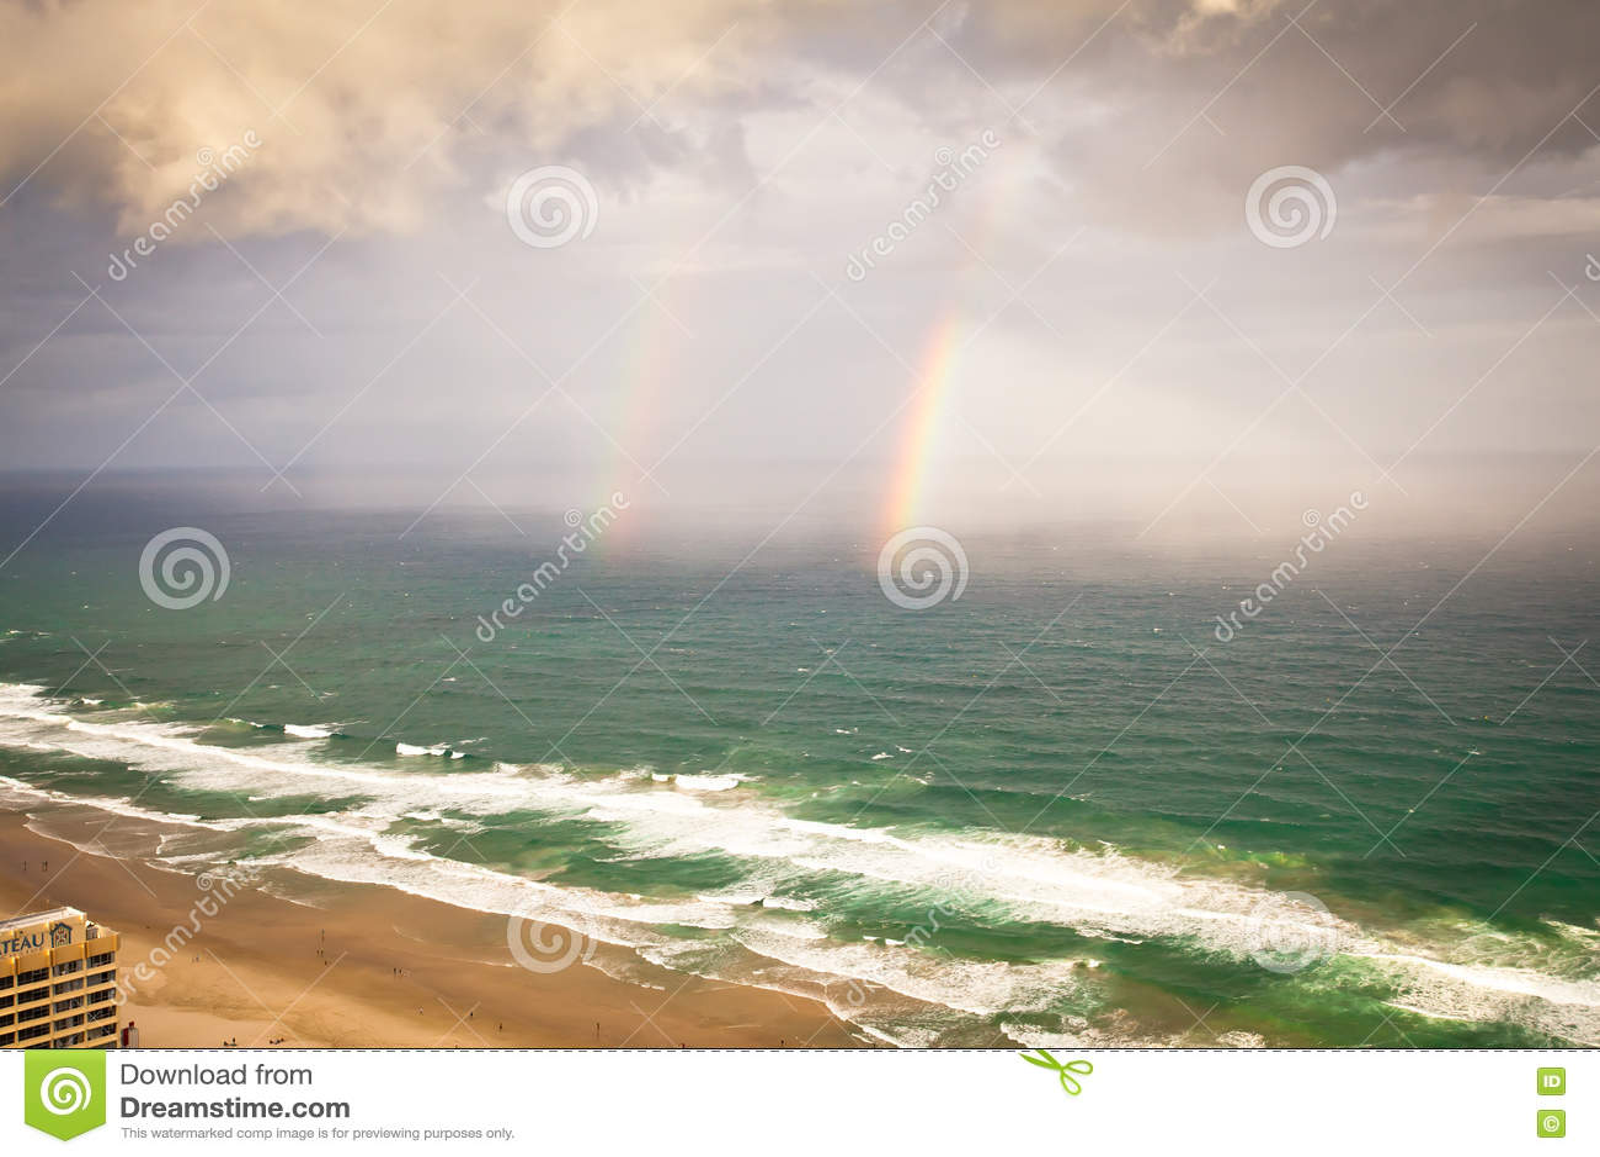 Gold Coast Queensland Austrália - chuveiros e arco-íris